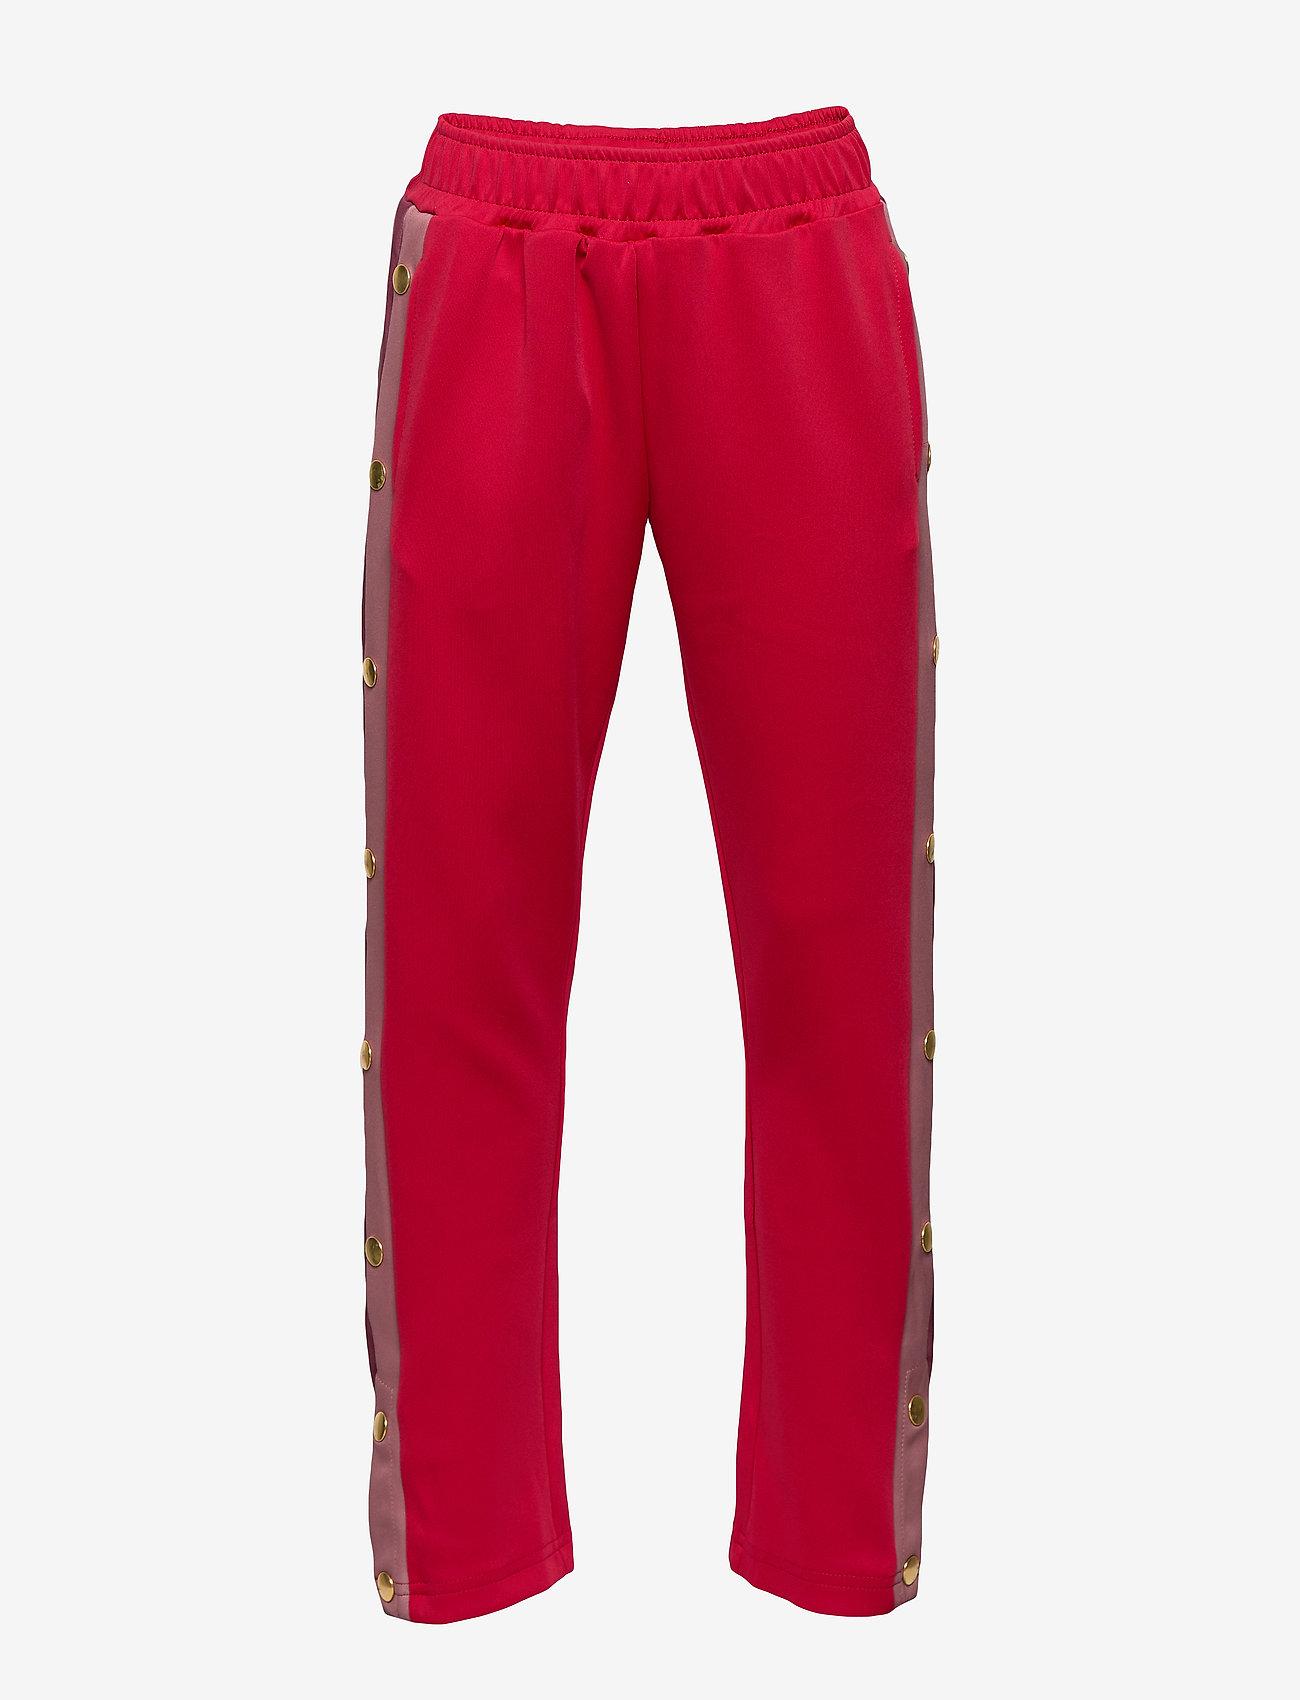 Petit by Sofie Schnoor - Pants - joggings - red - 0